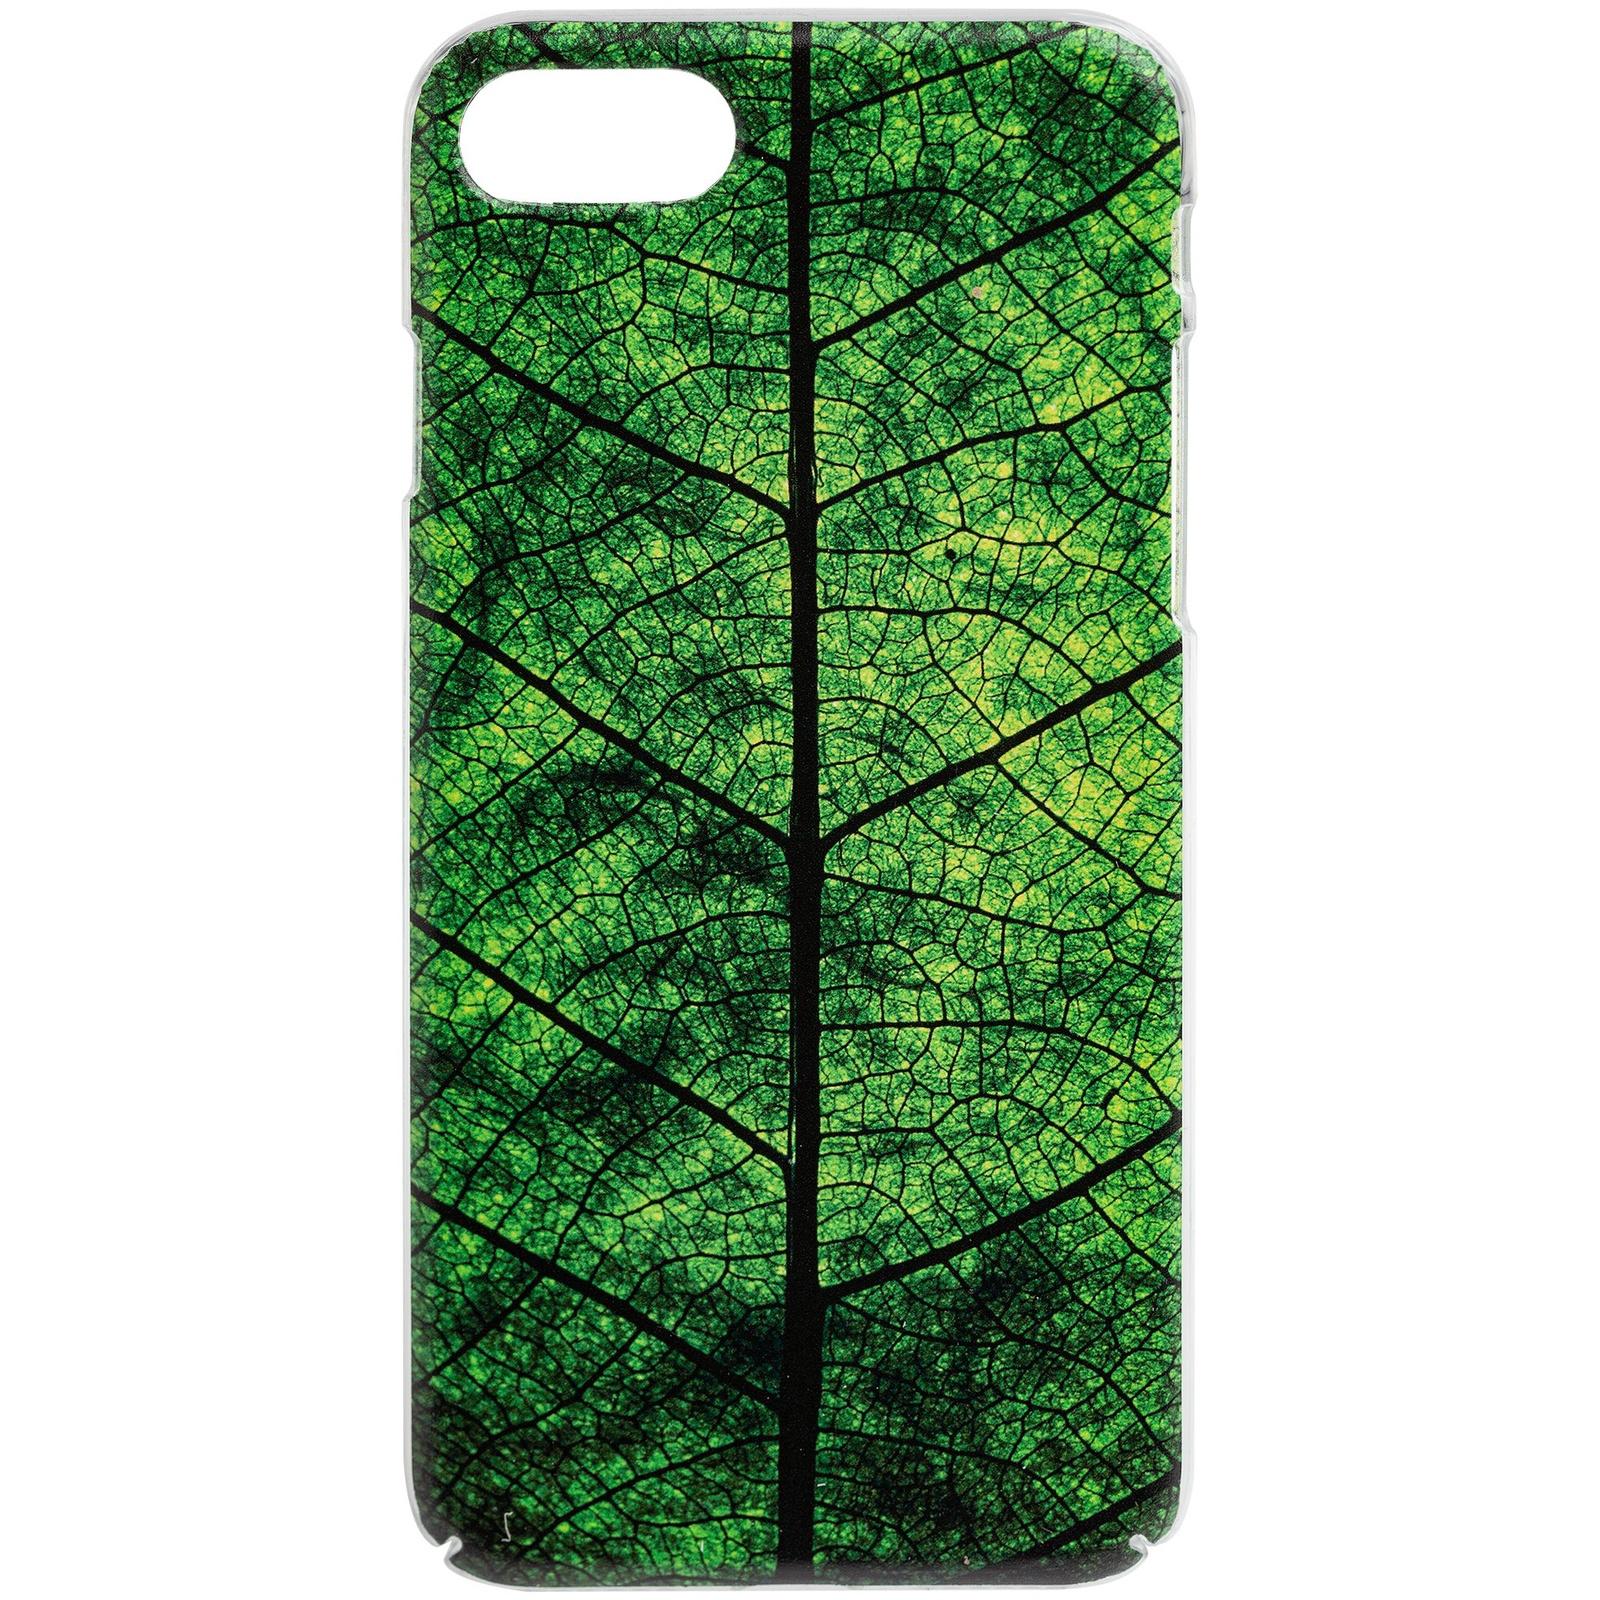 Чехол для сотового телефона Принтэссенция Evergreen, зеленый, прозрачный автокосметика удаление царапин с пластика